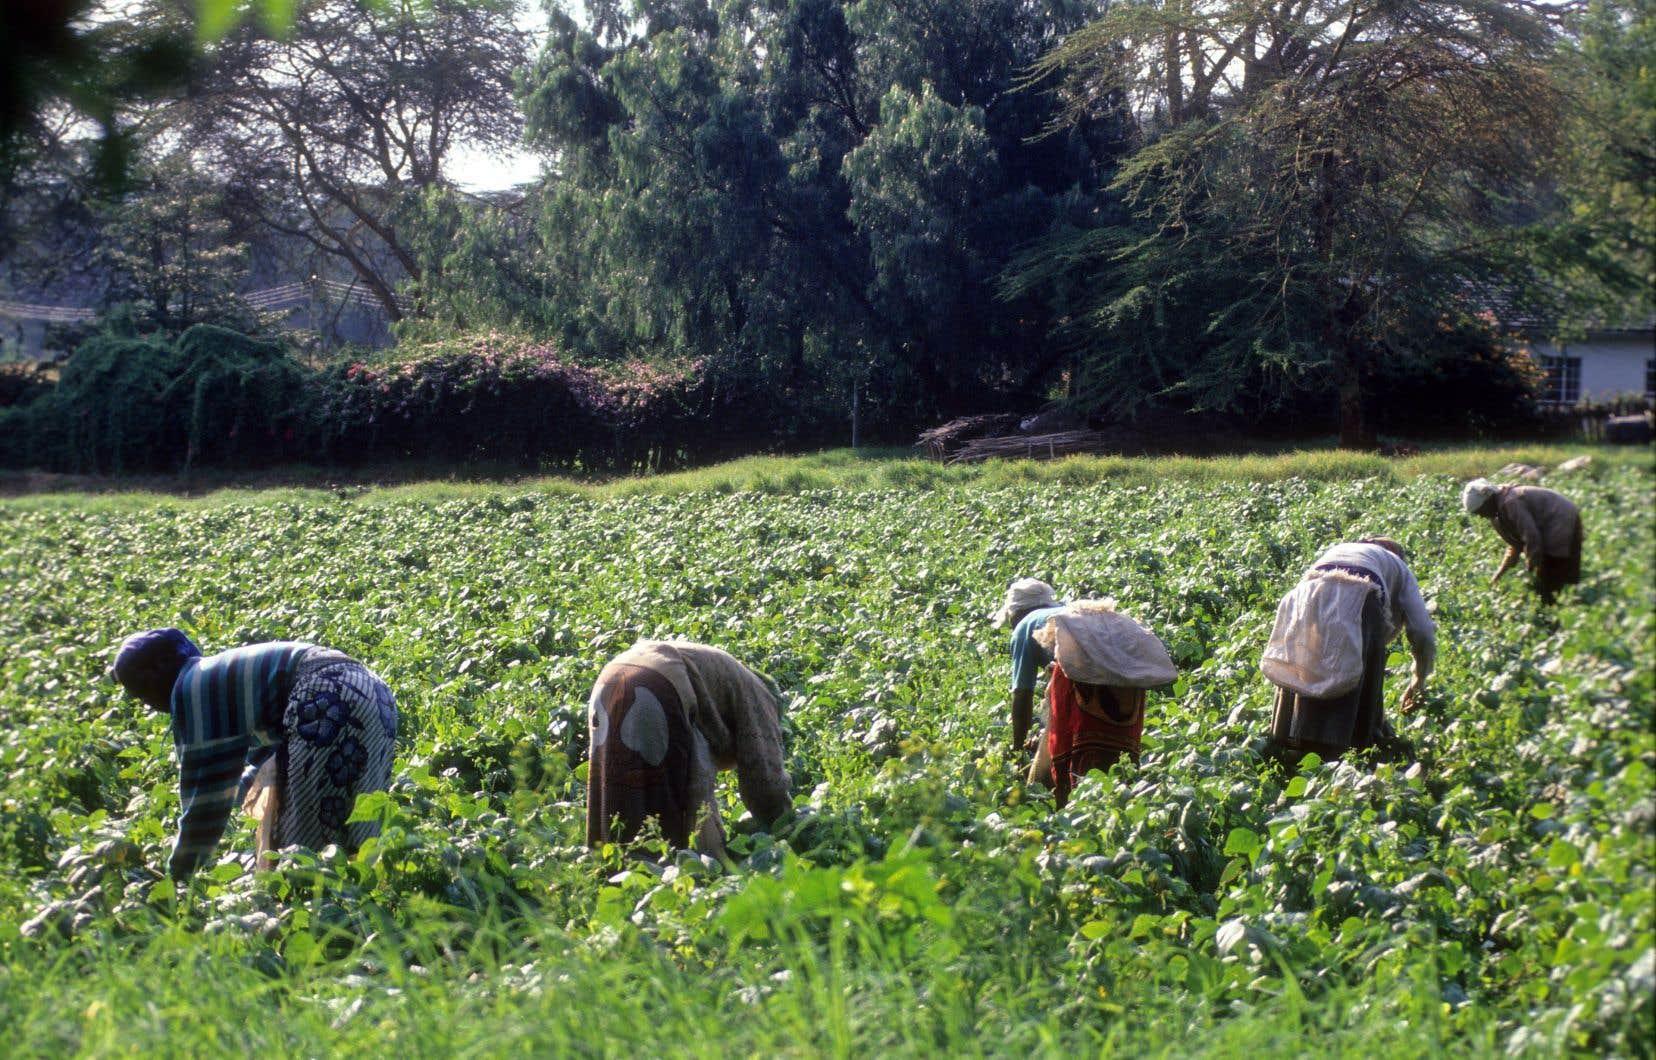 L'UPA DI s'applique à travailler auprès d'organisations locales, régionales et nationales, tout en appuyant les États dans le développement des politiques agricoles.